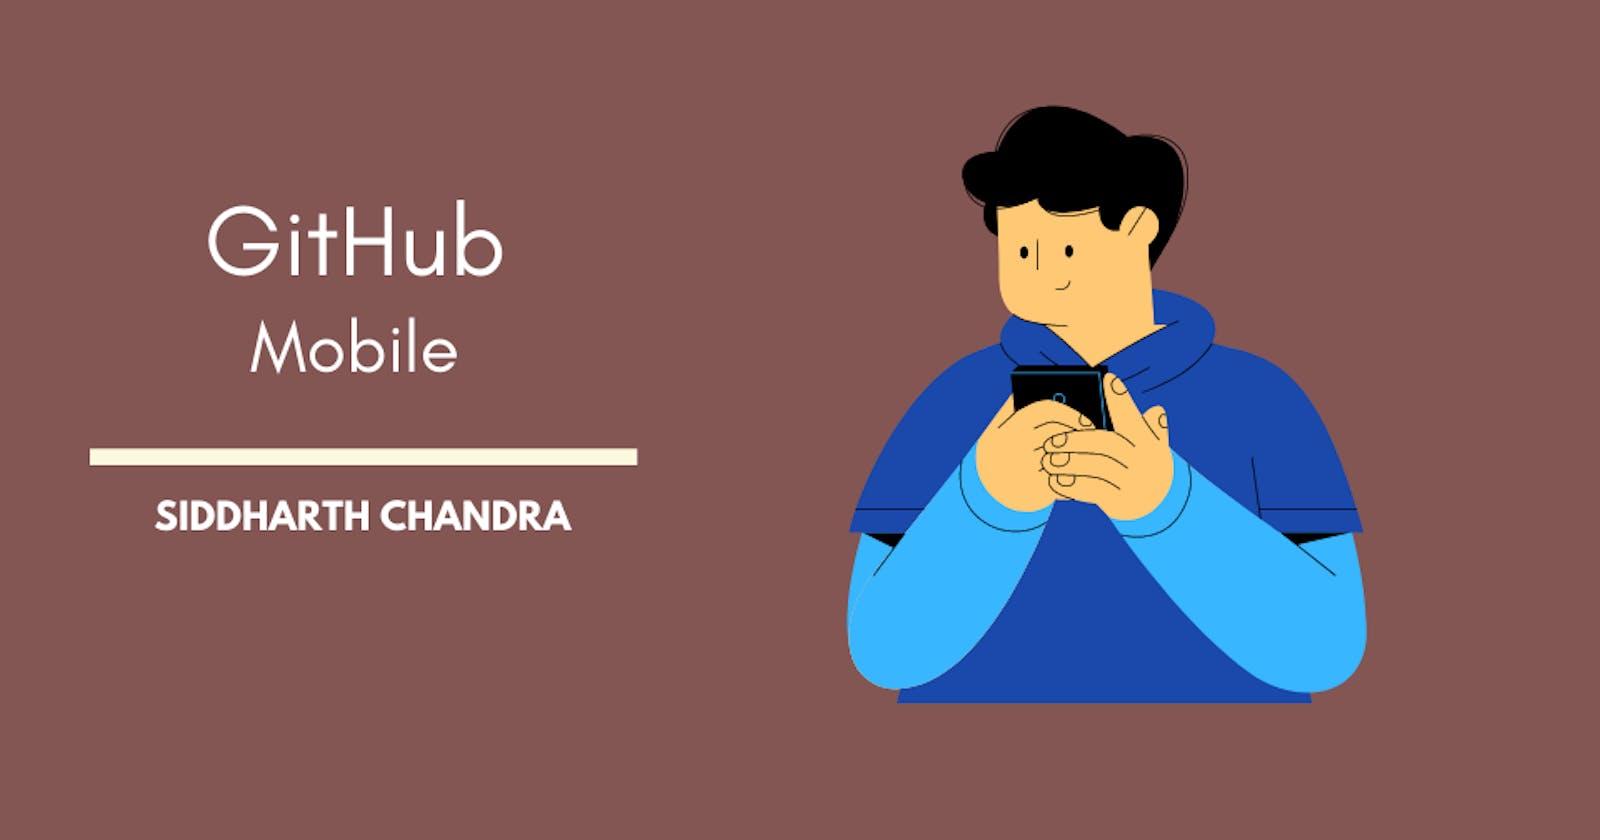 GitHub for Mobile 👌